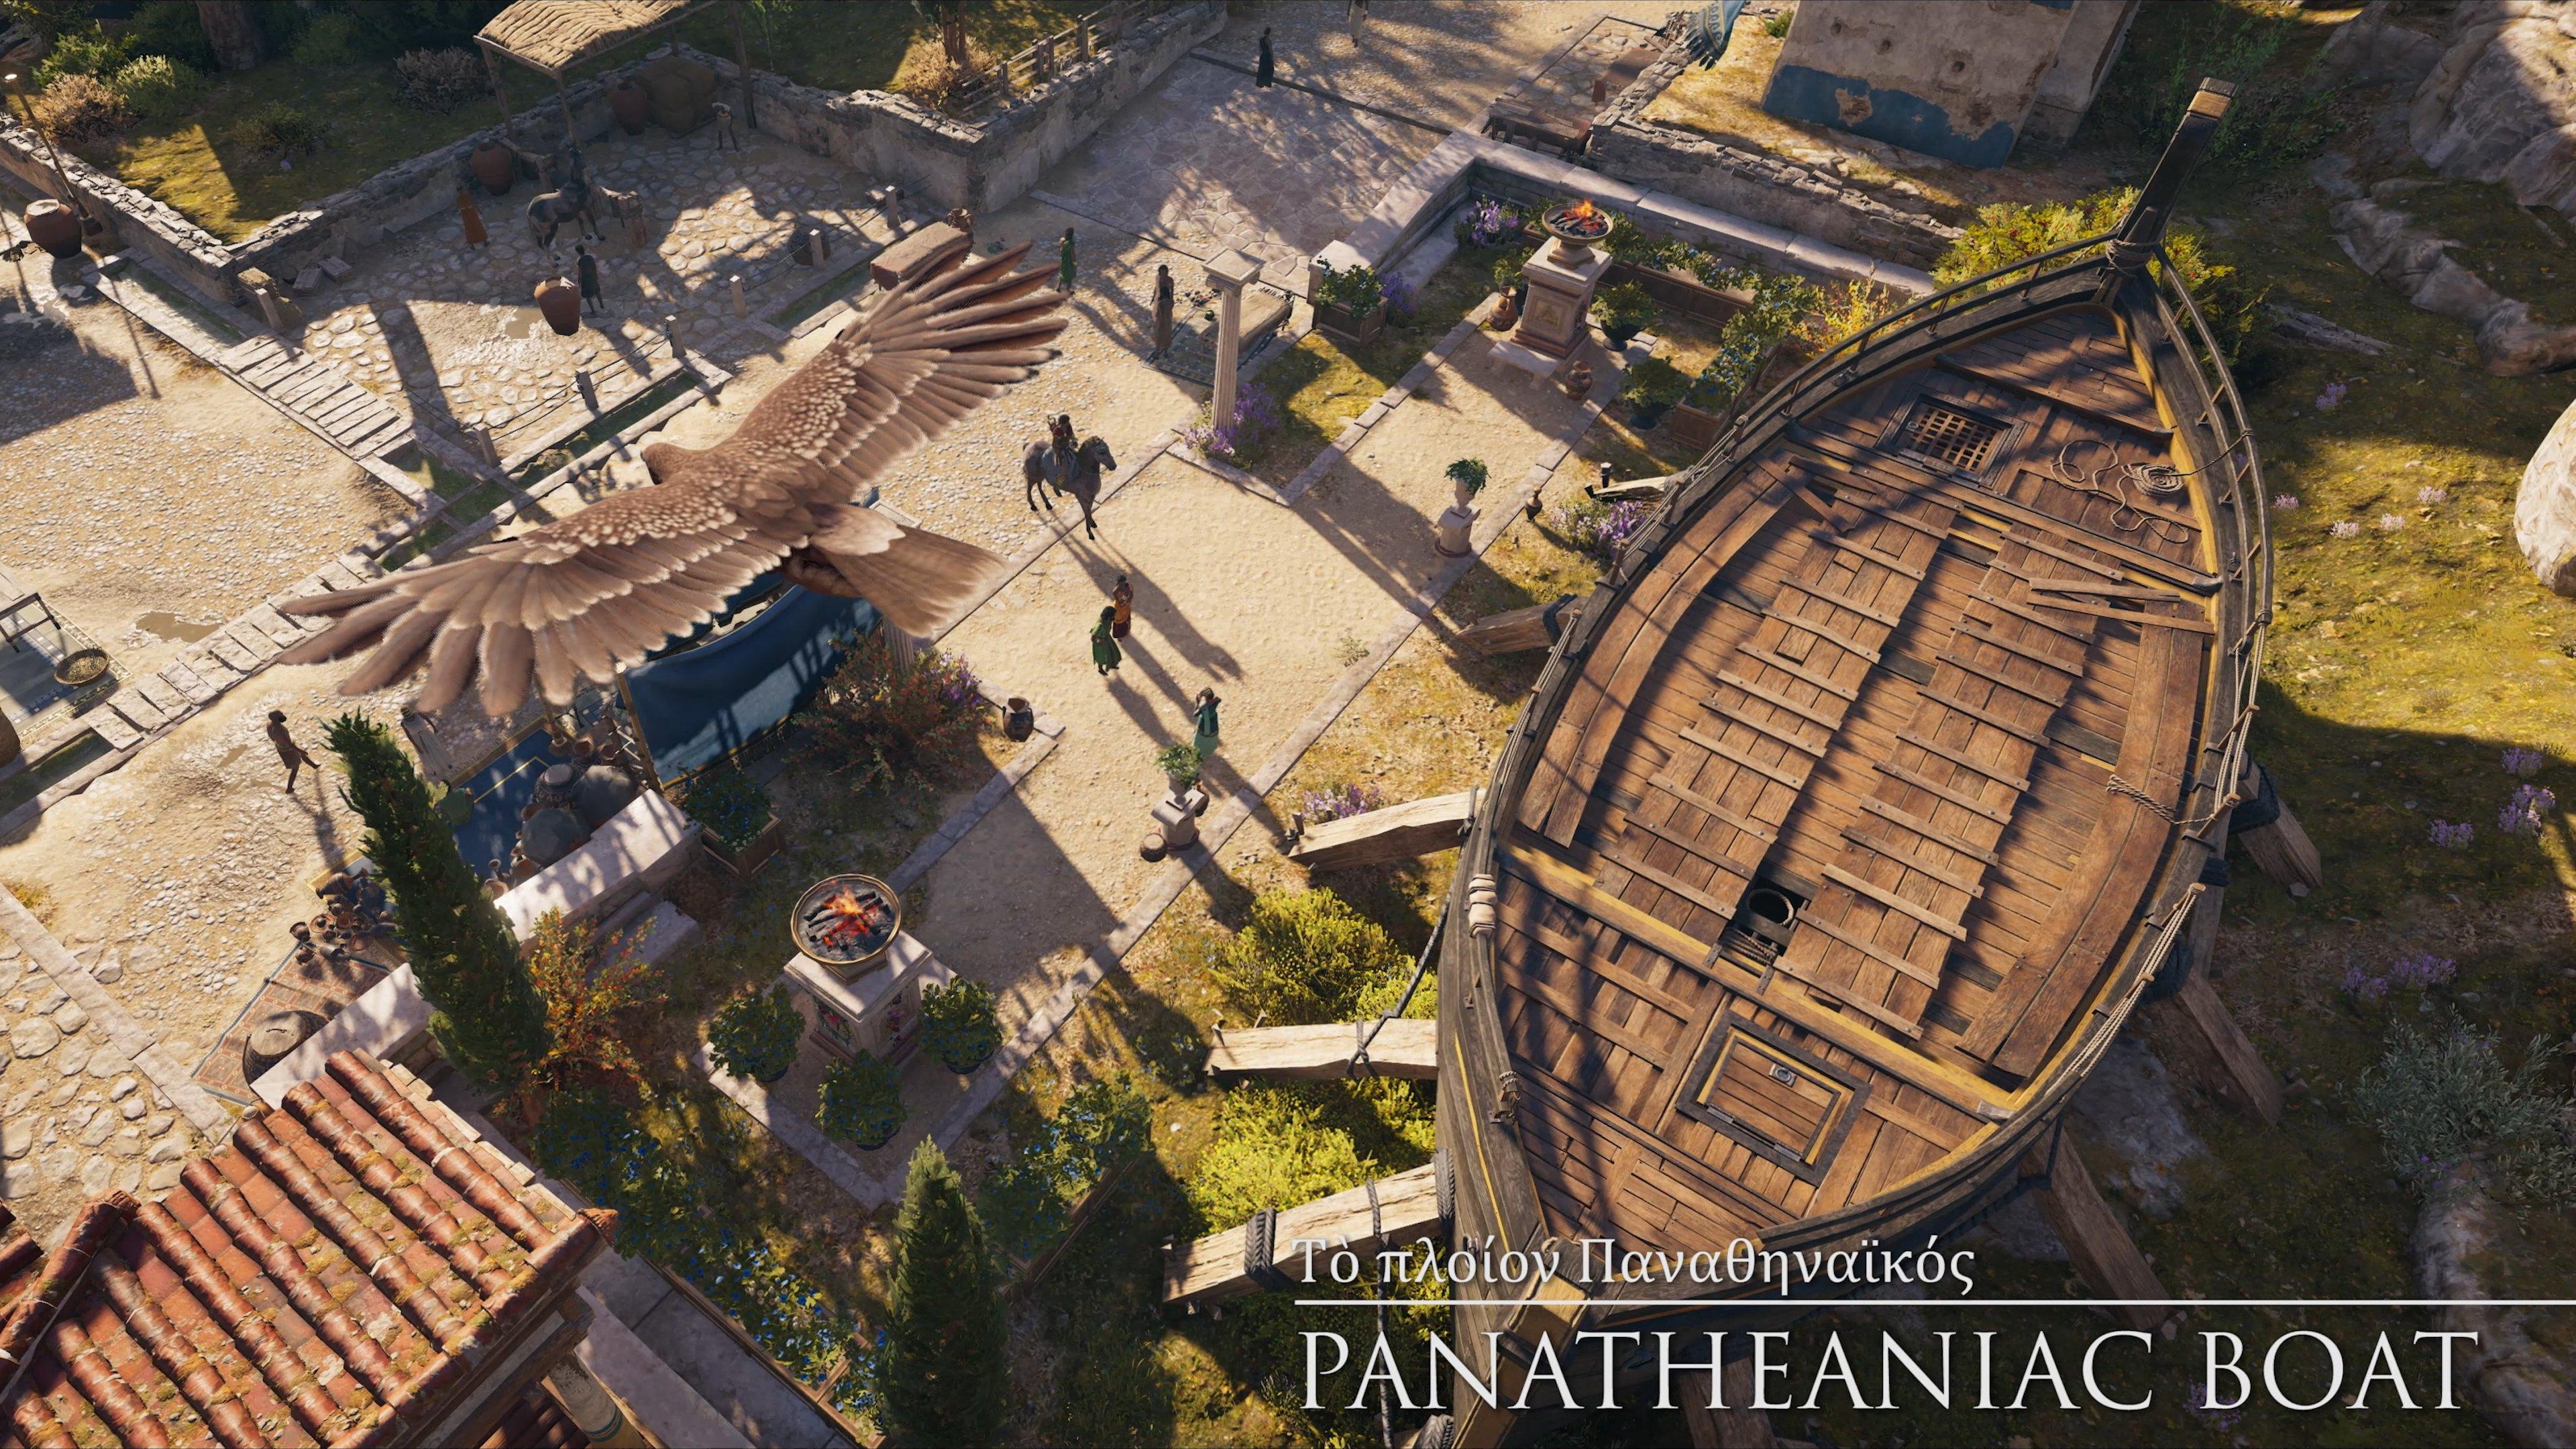 athenstour-08-panatheaniacboat01-1534347045908